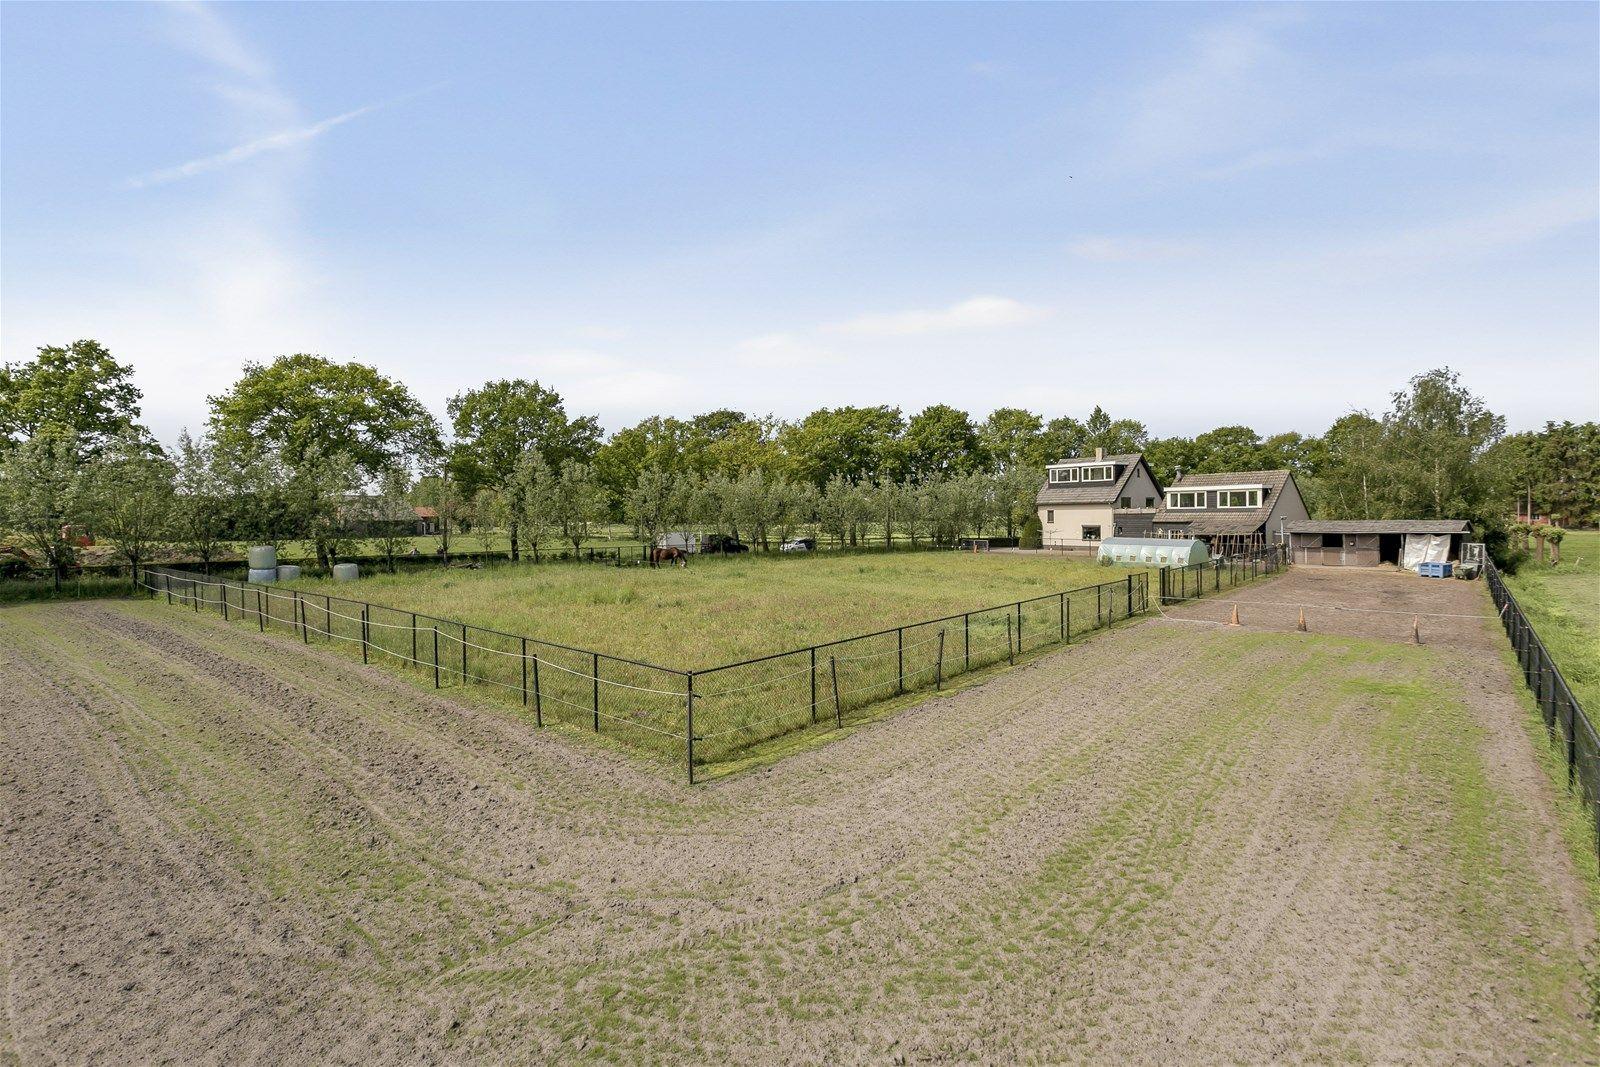 Op een prachtige - landelijke locatie gelegen uitgebouwde vrijstaande woning met dubbele paardenstal, berging/veranda/dierenverblijf en weiland wat uitermate geschikt is voor het hobbymatig houden van paarden/en of kleinvee.  Zowel aan de voor– als achterzijde van de woning heeft u een mooi uitzicht over de uitgestrekte landerijen. Wonen in alle rust, ruimte - privacy.  De begane grond heeft o.a. een ruime living, fraaie serre, praktische bijkeuken, leefkeuken en een multifunctionele ruimte die in gebruik kan worden genomen als kantoor-/speel/hobbykamer. De eerste verdieping heeft twee slaapkamers, een moderne badkamer en een ruimte in de aanbouw die nog naar eigen inzicht kan worden ingericht. Via een vaste trap bereik je de tweede verdieping waarbij de grote dakkapellen naast veel ruimte ook veel lichtinval creeren.  De tuin beschikt o.a. over een veranda, diverse terrassen, vijver en dierenverblijven waardoor u heerlijk kunt genieten van het buitenleven!  BEGANE GROND Voorentree/hal met toegang tot de leefkeuken en vaste trap naar de eerste verdieping.  Afwerking- laminaatvloer, Spachtelputz wanden en een stucwerk plafond.  Meterkast- 7 groepen en aardlekschakelaarbeveiliging.   Leefkeuken in hoekopstelling uitgerust met een houten aanrechtblad, dubbele spoelbak,  4 pits gas kookplaat, vaatwasser, combimagnetron en afzuigkap. De ruimte is voorzien van een wandkast en geeft toegang tot de kelder. Afwerking- laminaatvloer, stucwerk wanden en een stucwerk plafond.   Ruime living voorzien van schouw met houtkachel en dubbele deur naar de serre. Afwerking- laminaatvloer (met daaronder tegels), Spachtelputz wanden en een stucwerk plafond.   Fraaie serre met grote raampartijen en een tweetal schuifpuien. Afwerking- houten vloer en een houten plafond.  Portaal met toegang tot de volledig betegelde toiletruimte en bijkeuken. Afwerking- tegelvloer, stucwerk wanden en een stucwerk plafond.  Praktische bijkeuken met vaste kast, wasmachine aansluiting en opstelling van de cv 